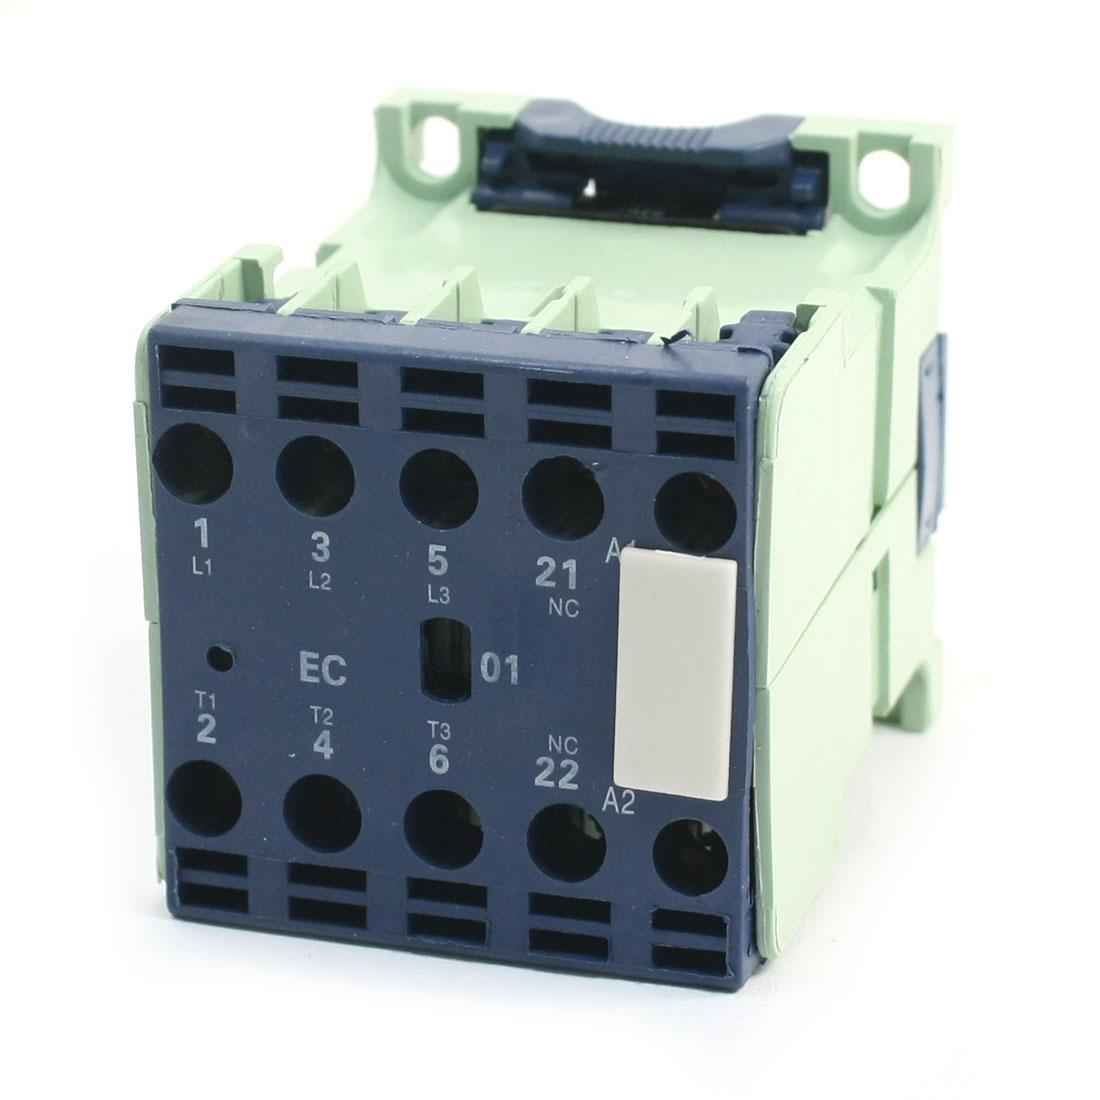 9A 24V 50/60Hz Coil 3 Phase 1NC Motor Controller AC Contactor CJX2-0901E